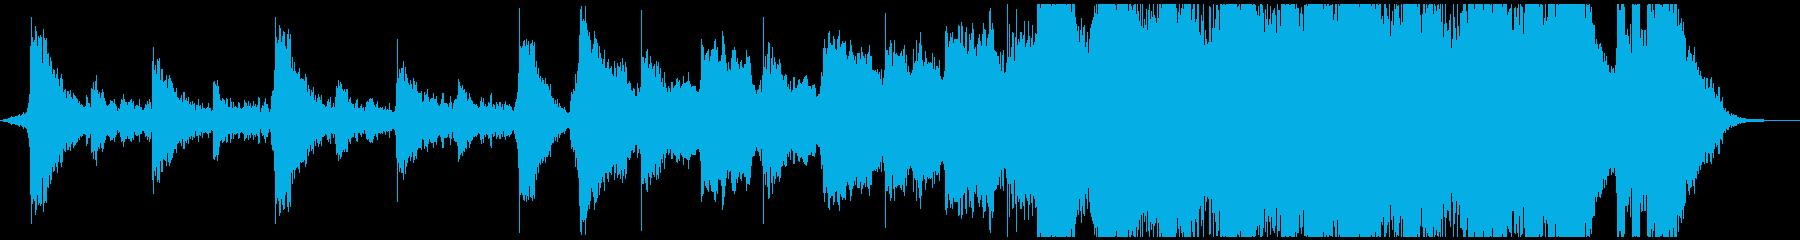 ハリウッド映画トレーラー風のエピックの再生済みの波形